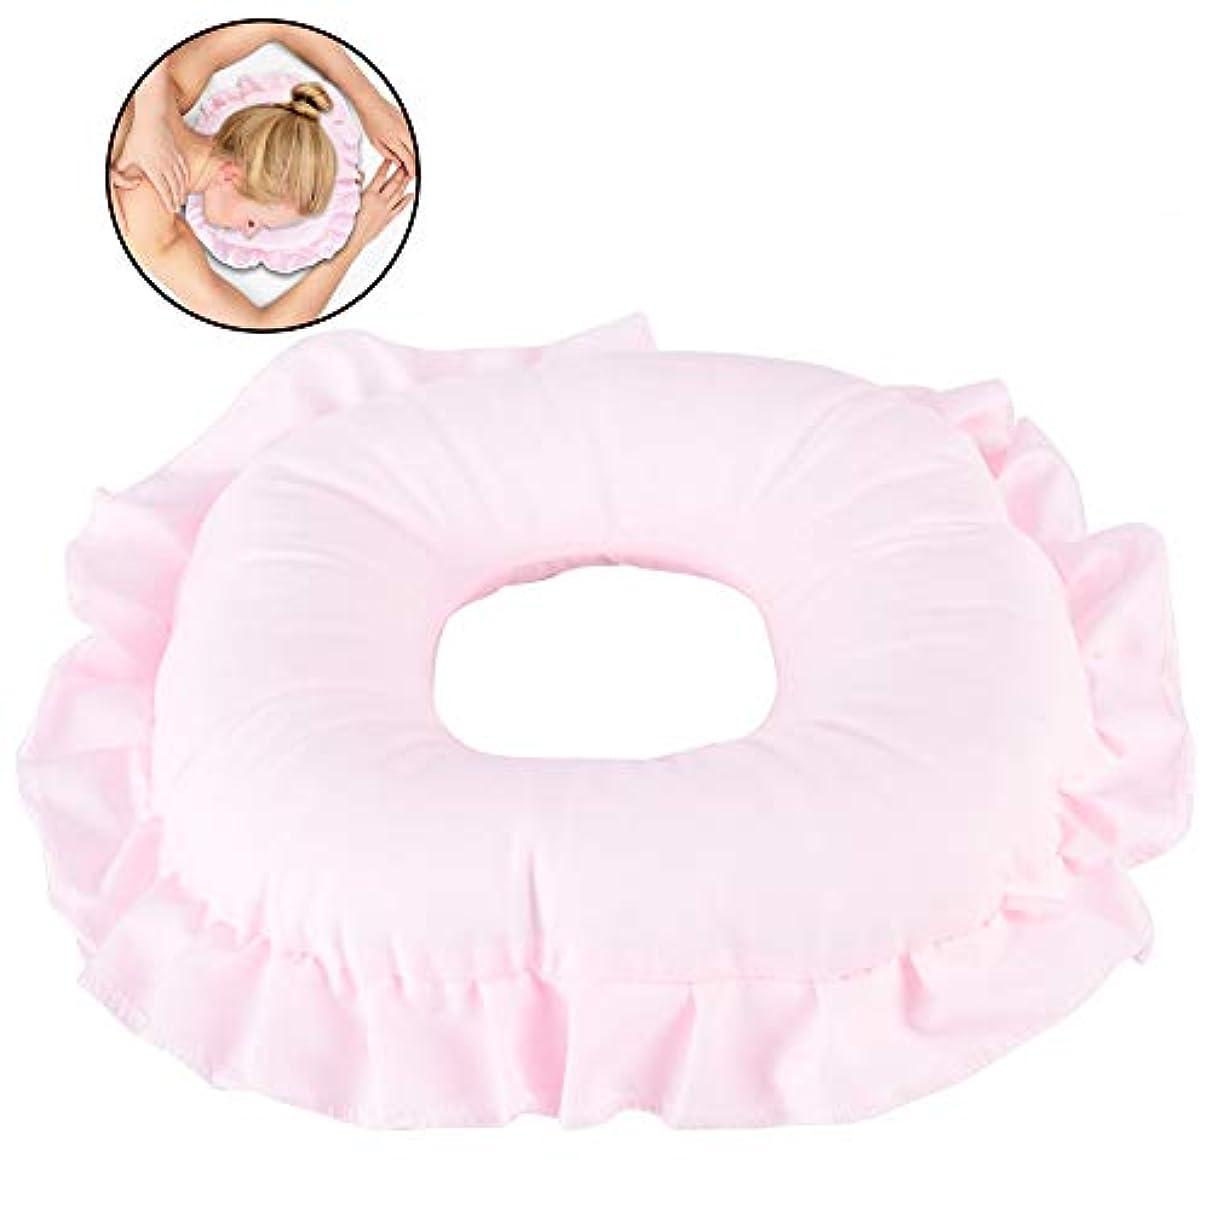 温度予防接種する宮殿スパマッサージ枕、ポリエステル顔リラックスサロンケア中空枕仮眠クッション(ピンク)